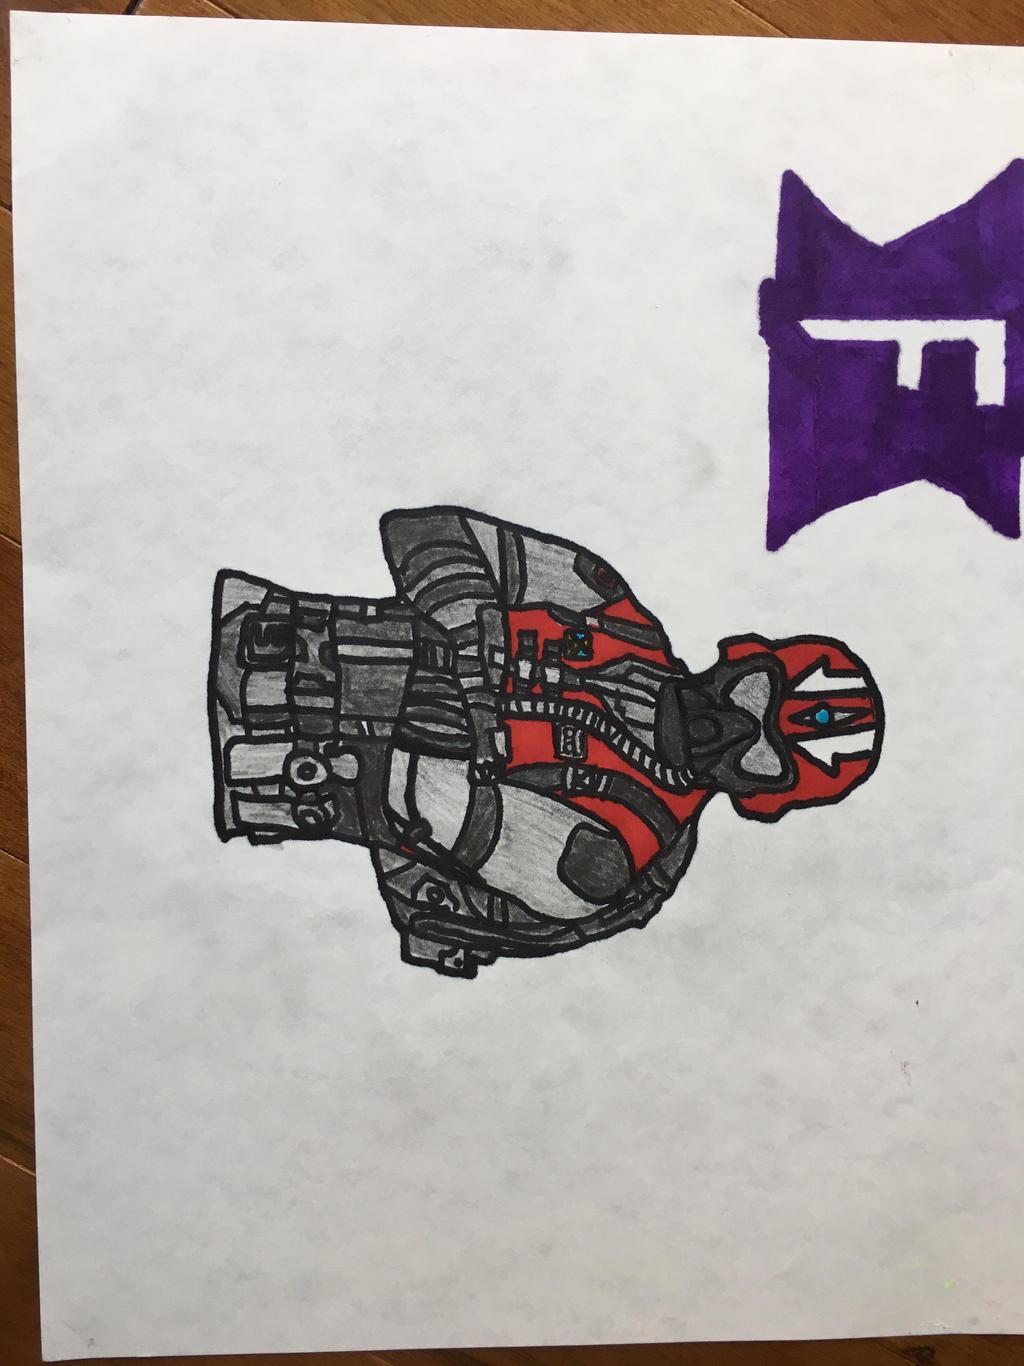 Fortnite Wingman Drawing By Alpaltheyo On Deviantart